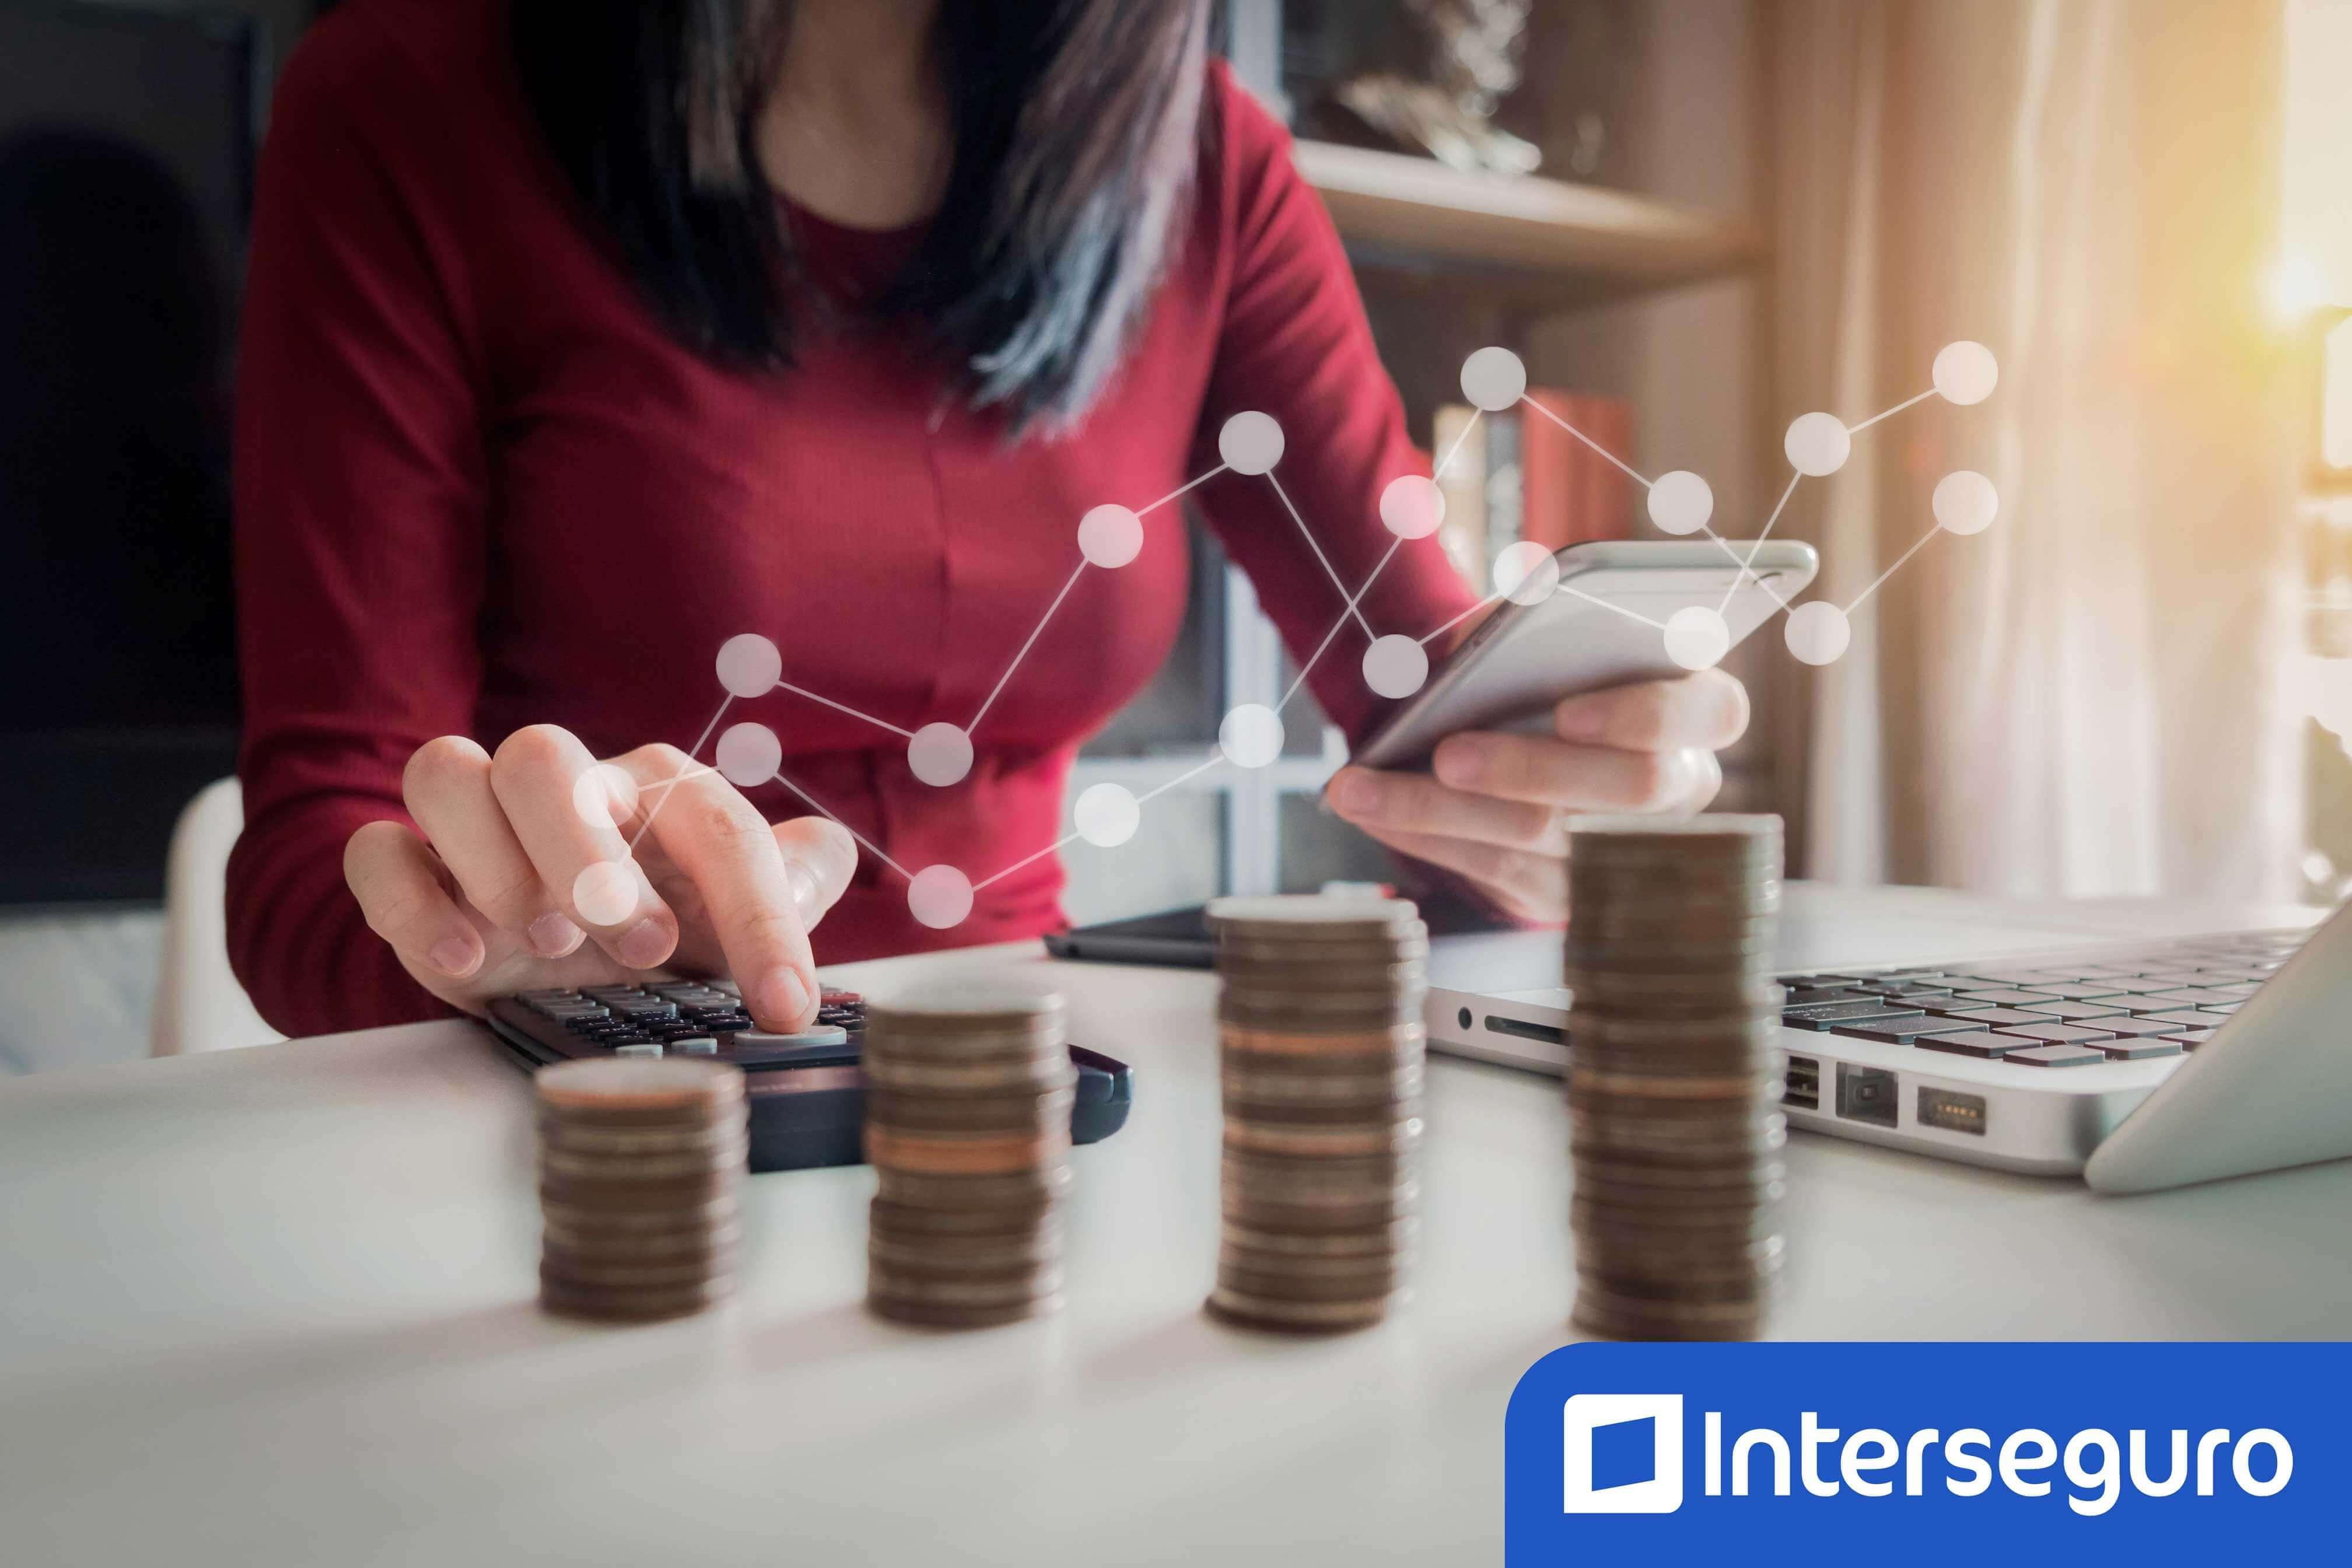 ¿Cómo ahorrar? La mejor opción para invertir dinero